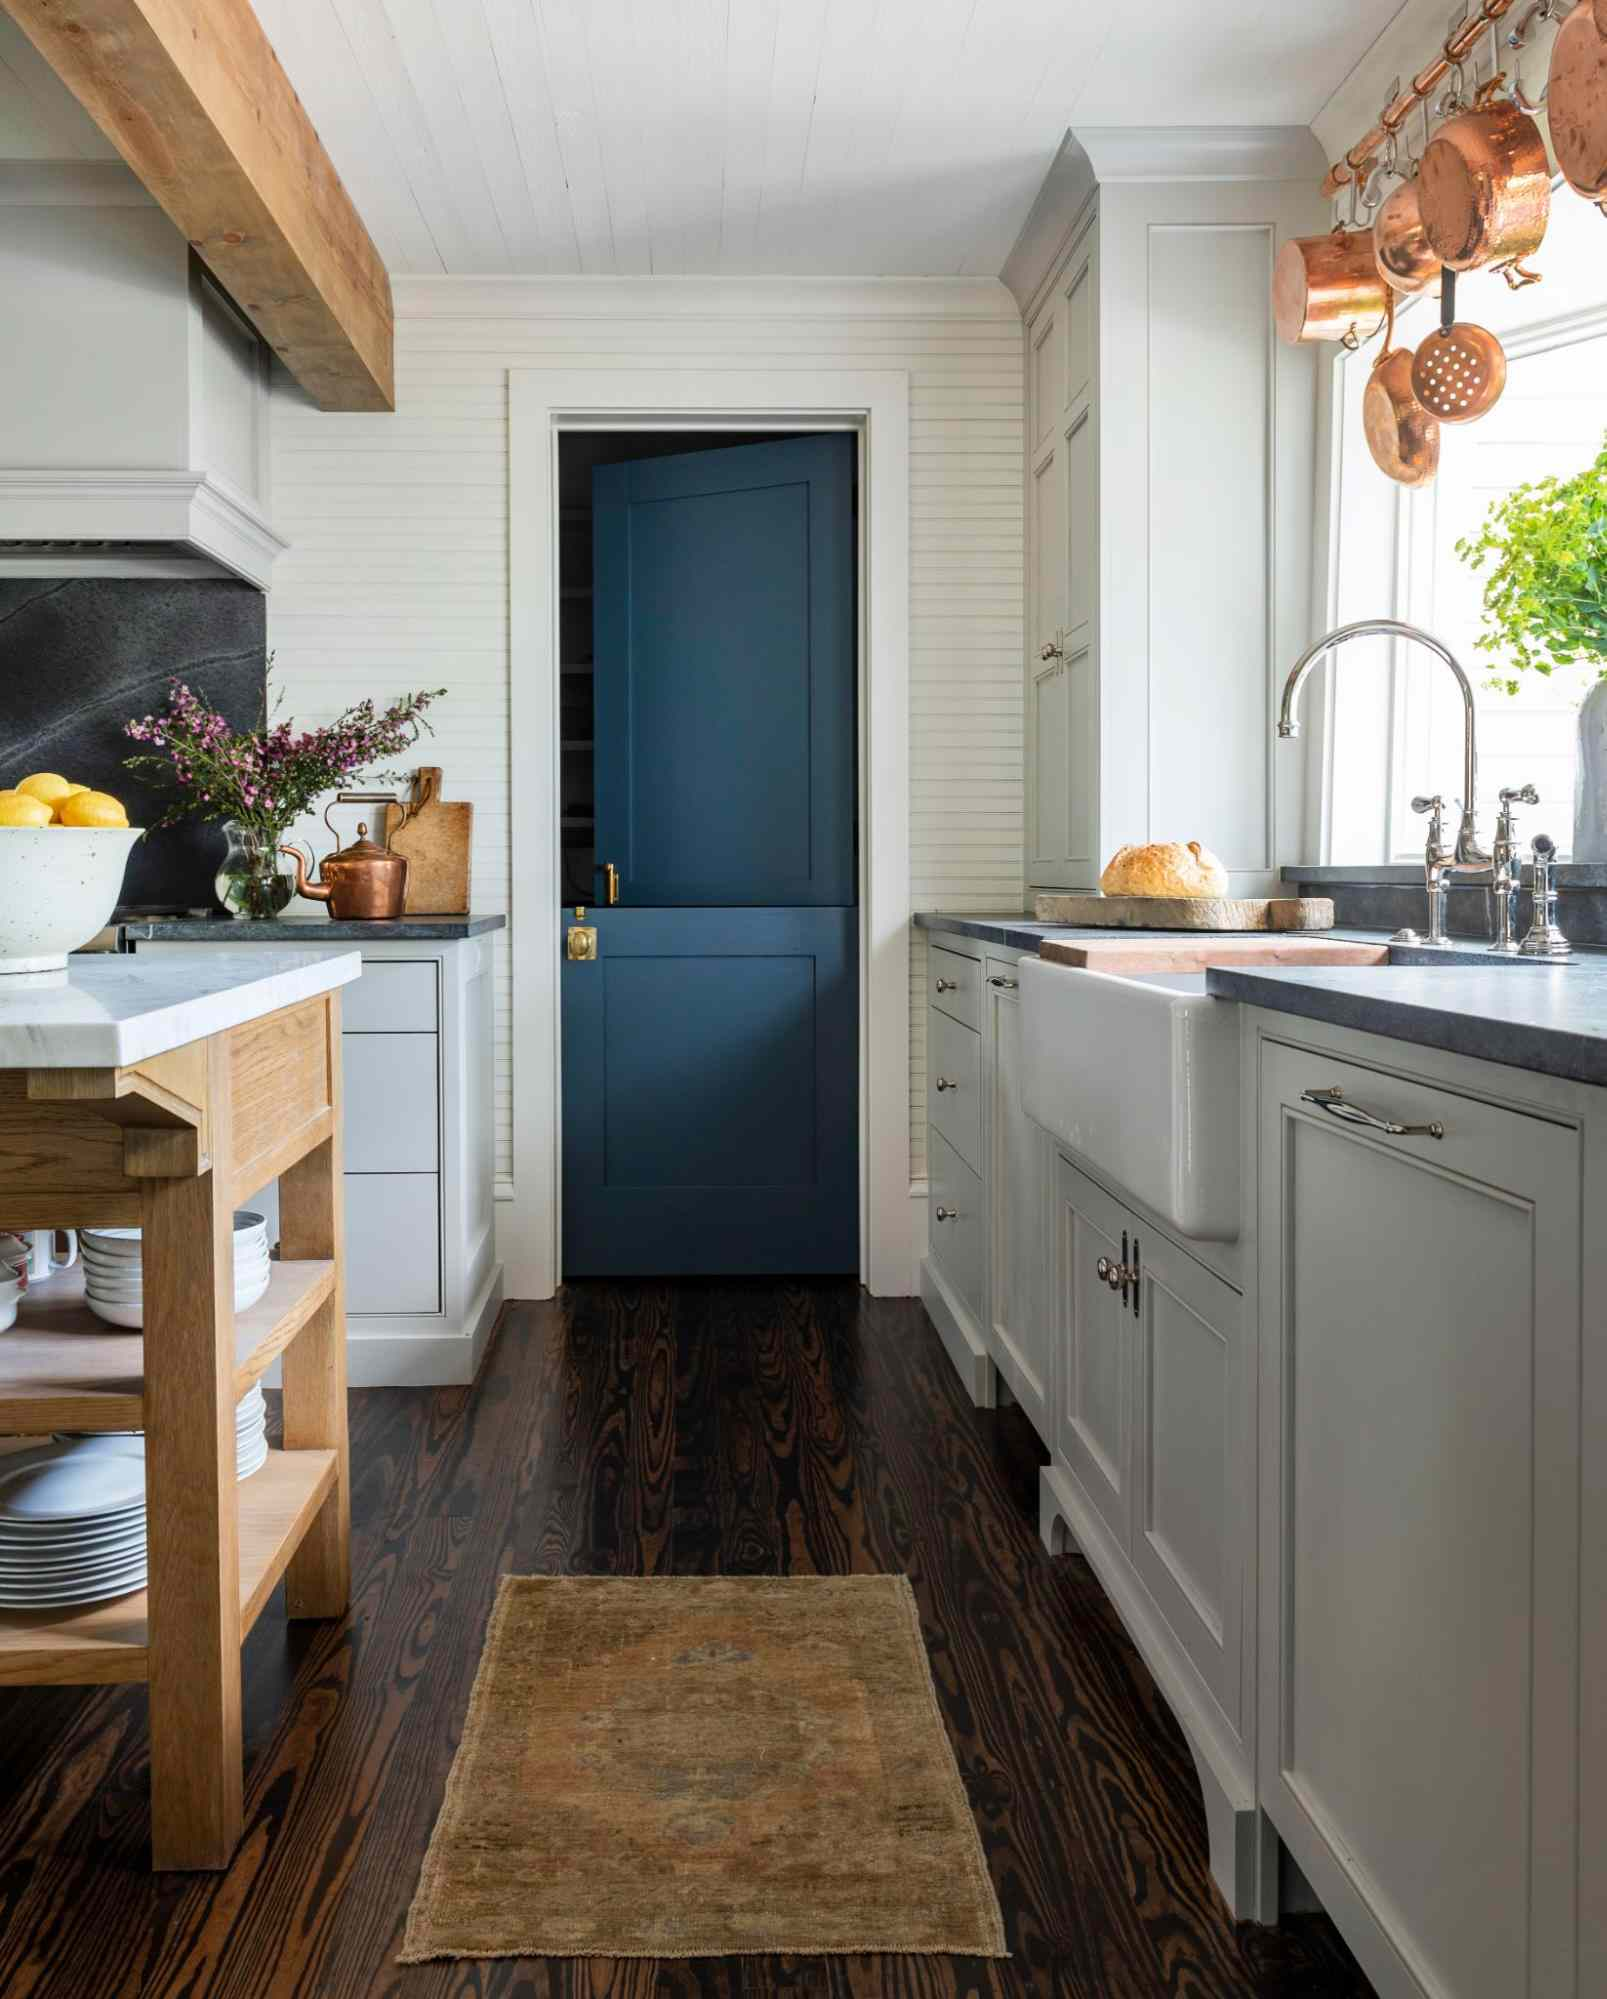 Rich teal door in white kitchen.